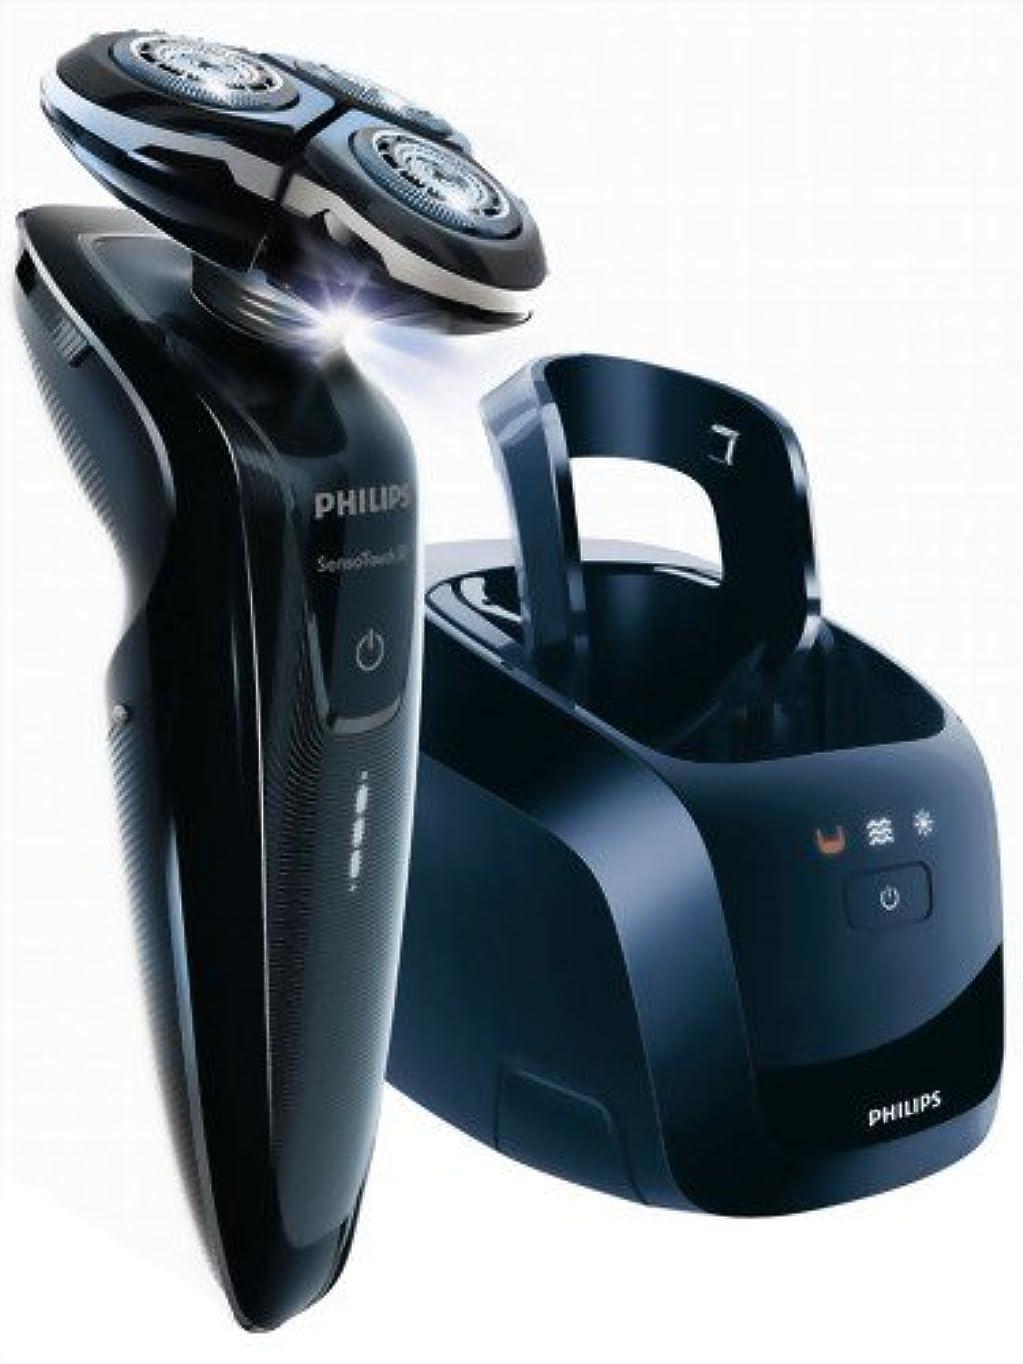 含む仕方経済PHILIPS 3Dシェーバー【洗浄充電器付】センソタッチ3D RQ1250CC